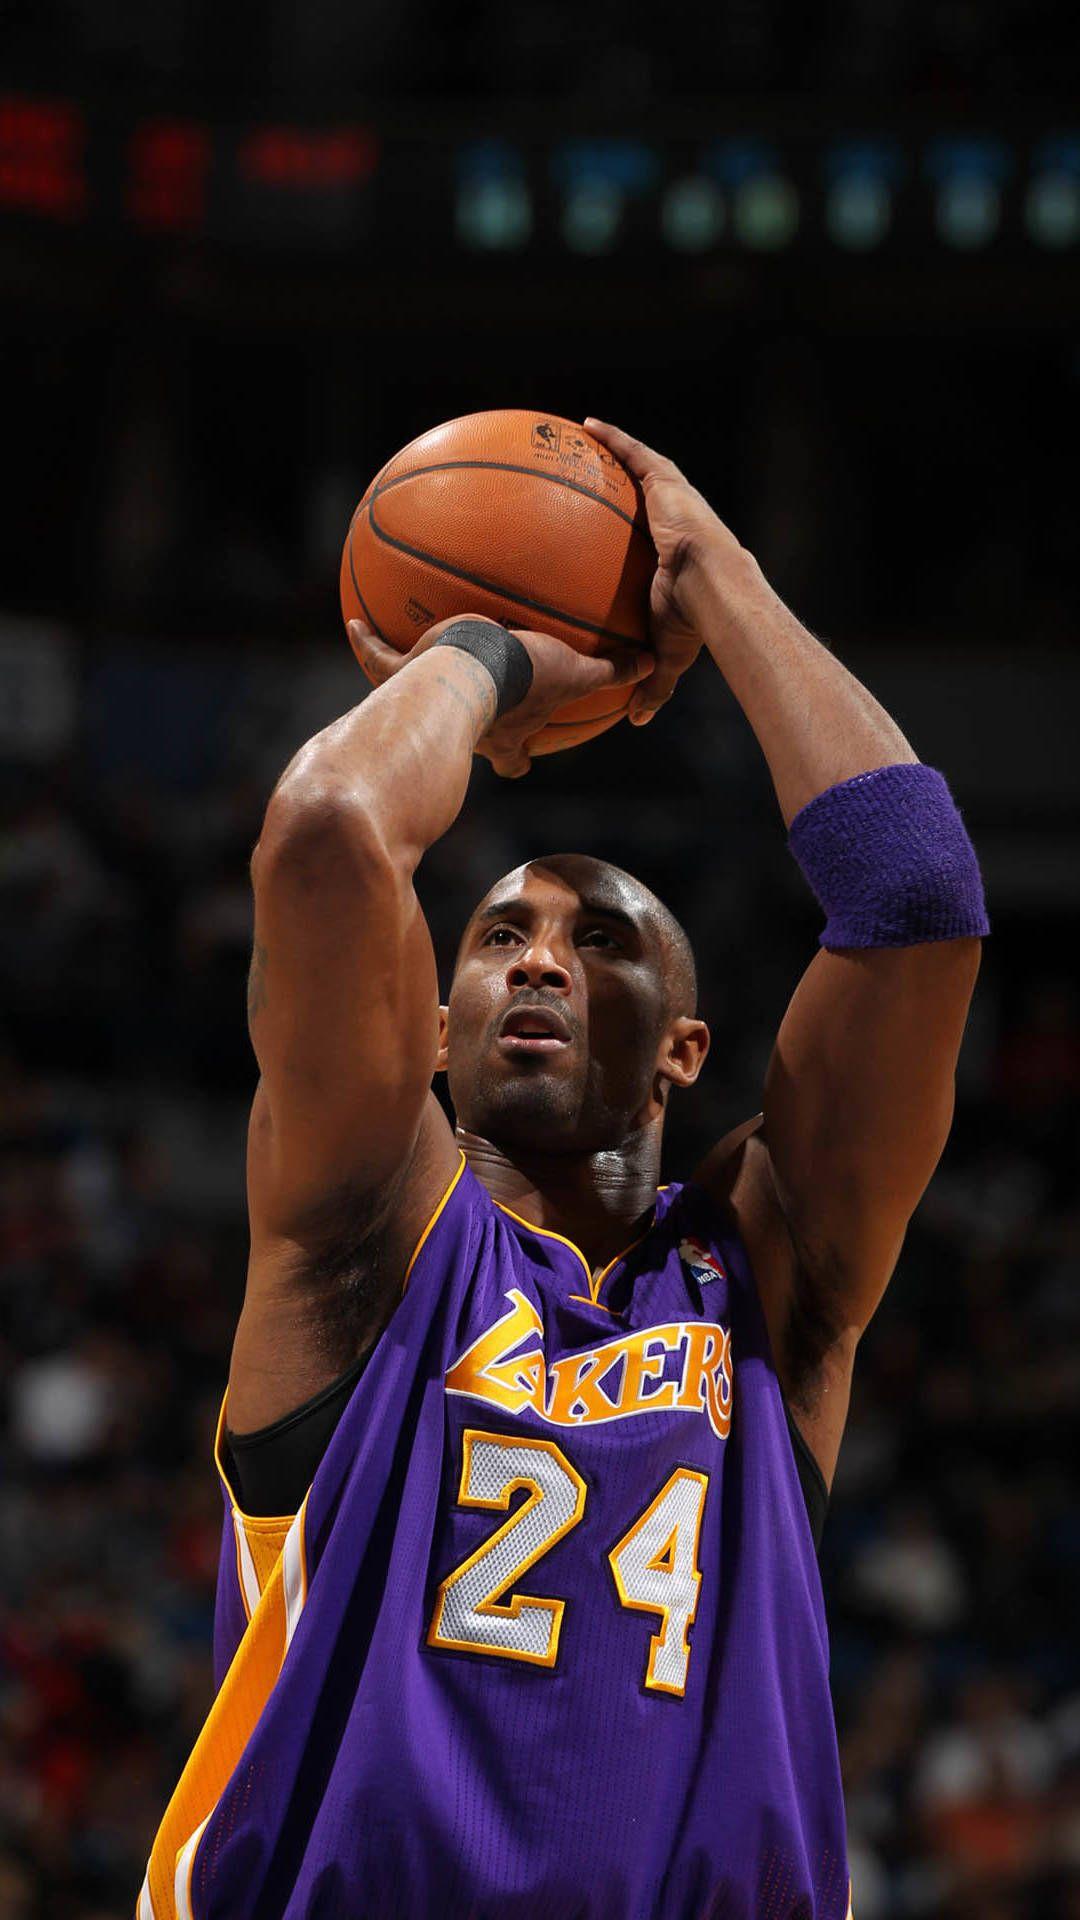 Kobe Bryant Background Picture Kobe Bryant Wallpaper Kobe Bryant Pictures Kobe Bryant Black Mamba